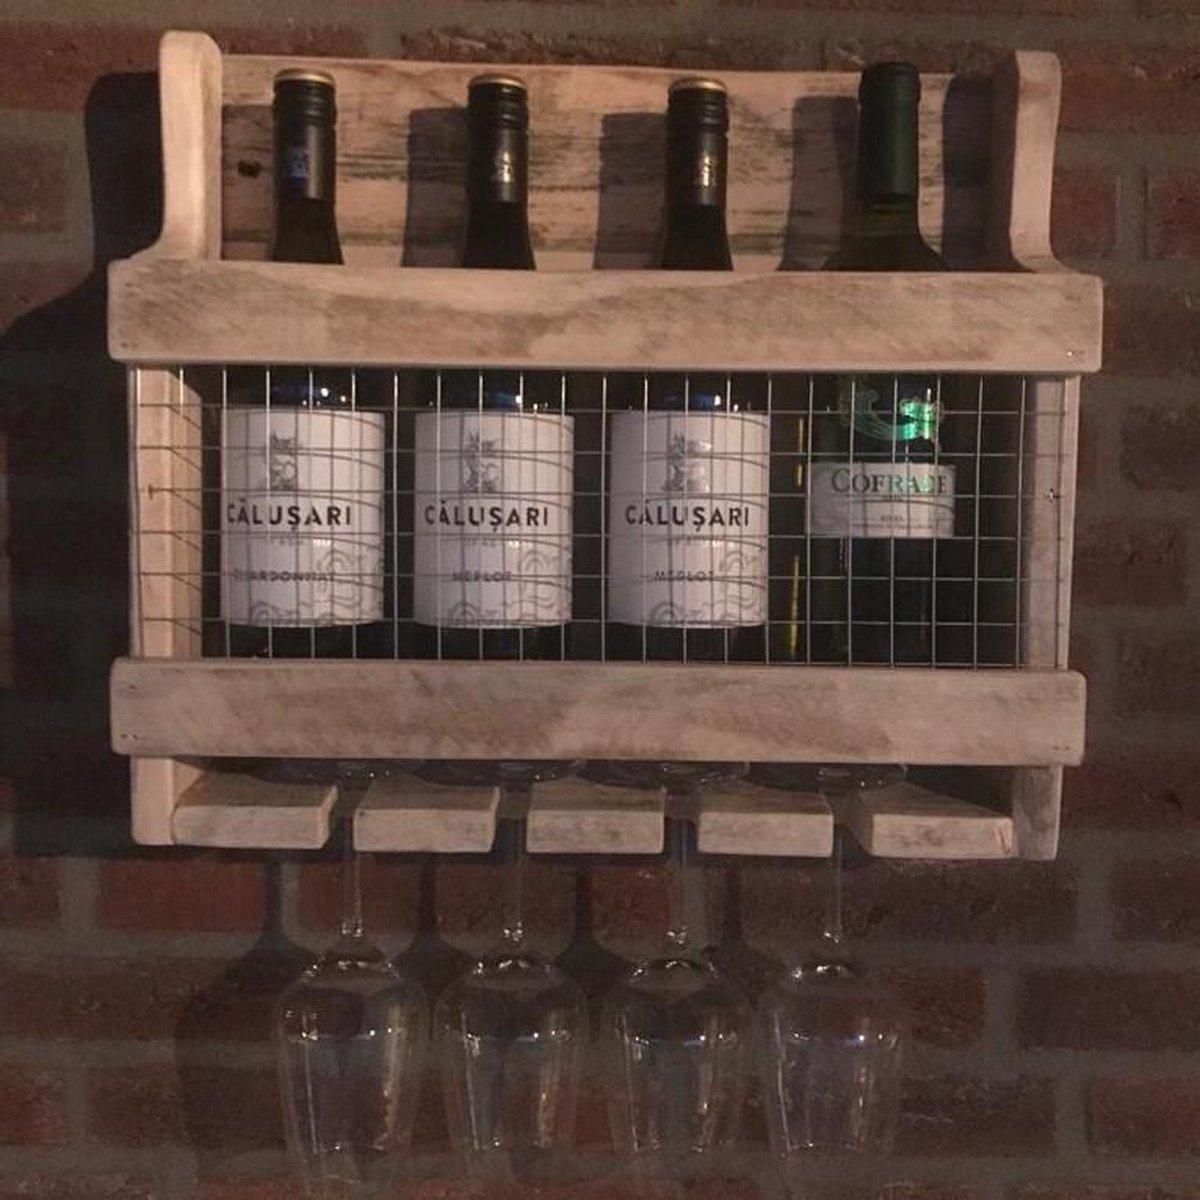 Wijnrek 'Utah' | Landelijk wijnrek gemaakt van gerecycled pallethout | 4 wijnflessen | Duurzaam wijnrek handgemaakt!